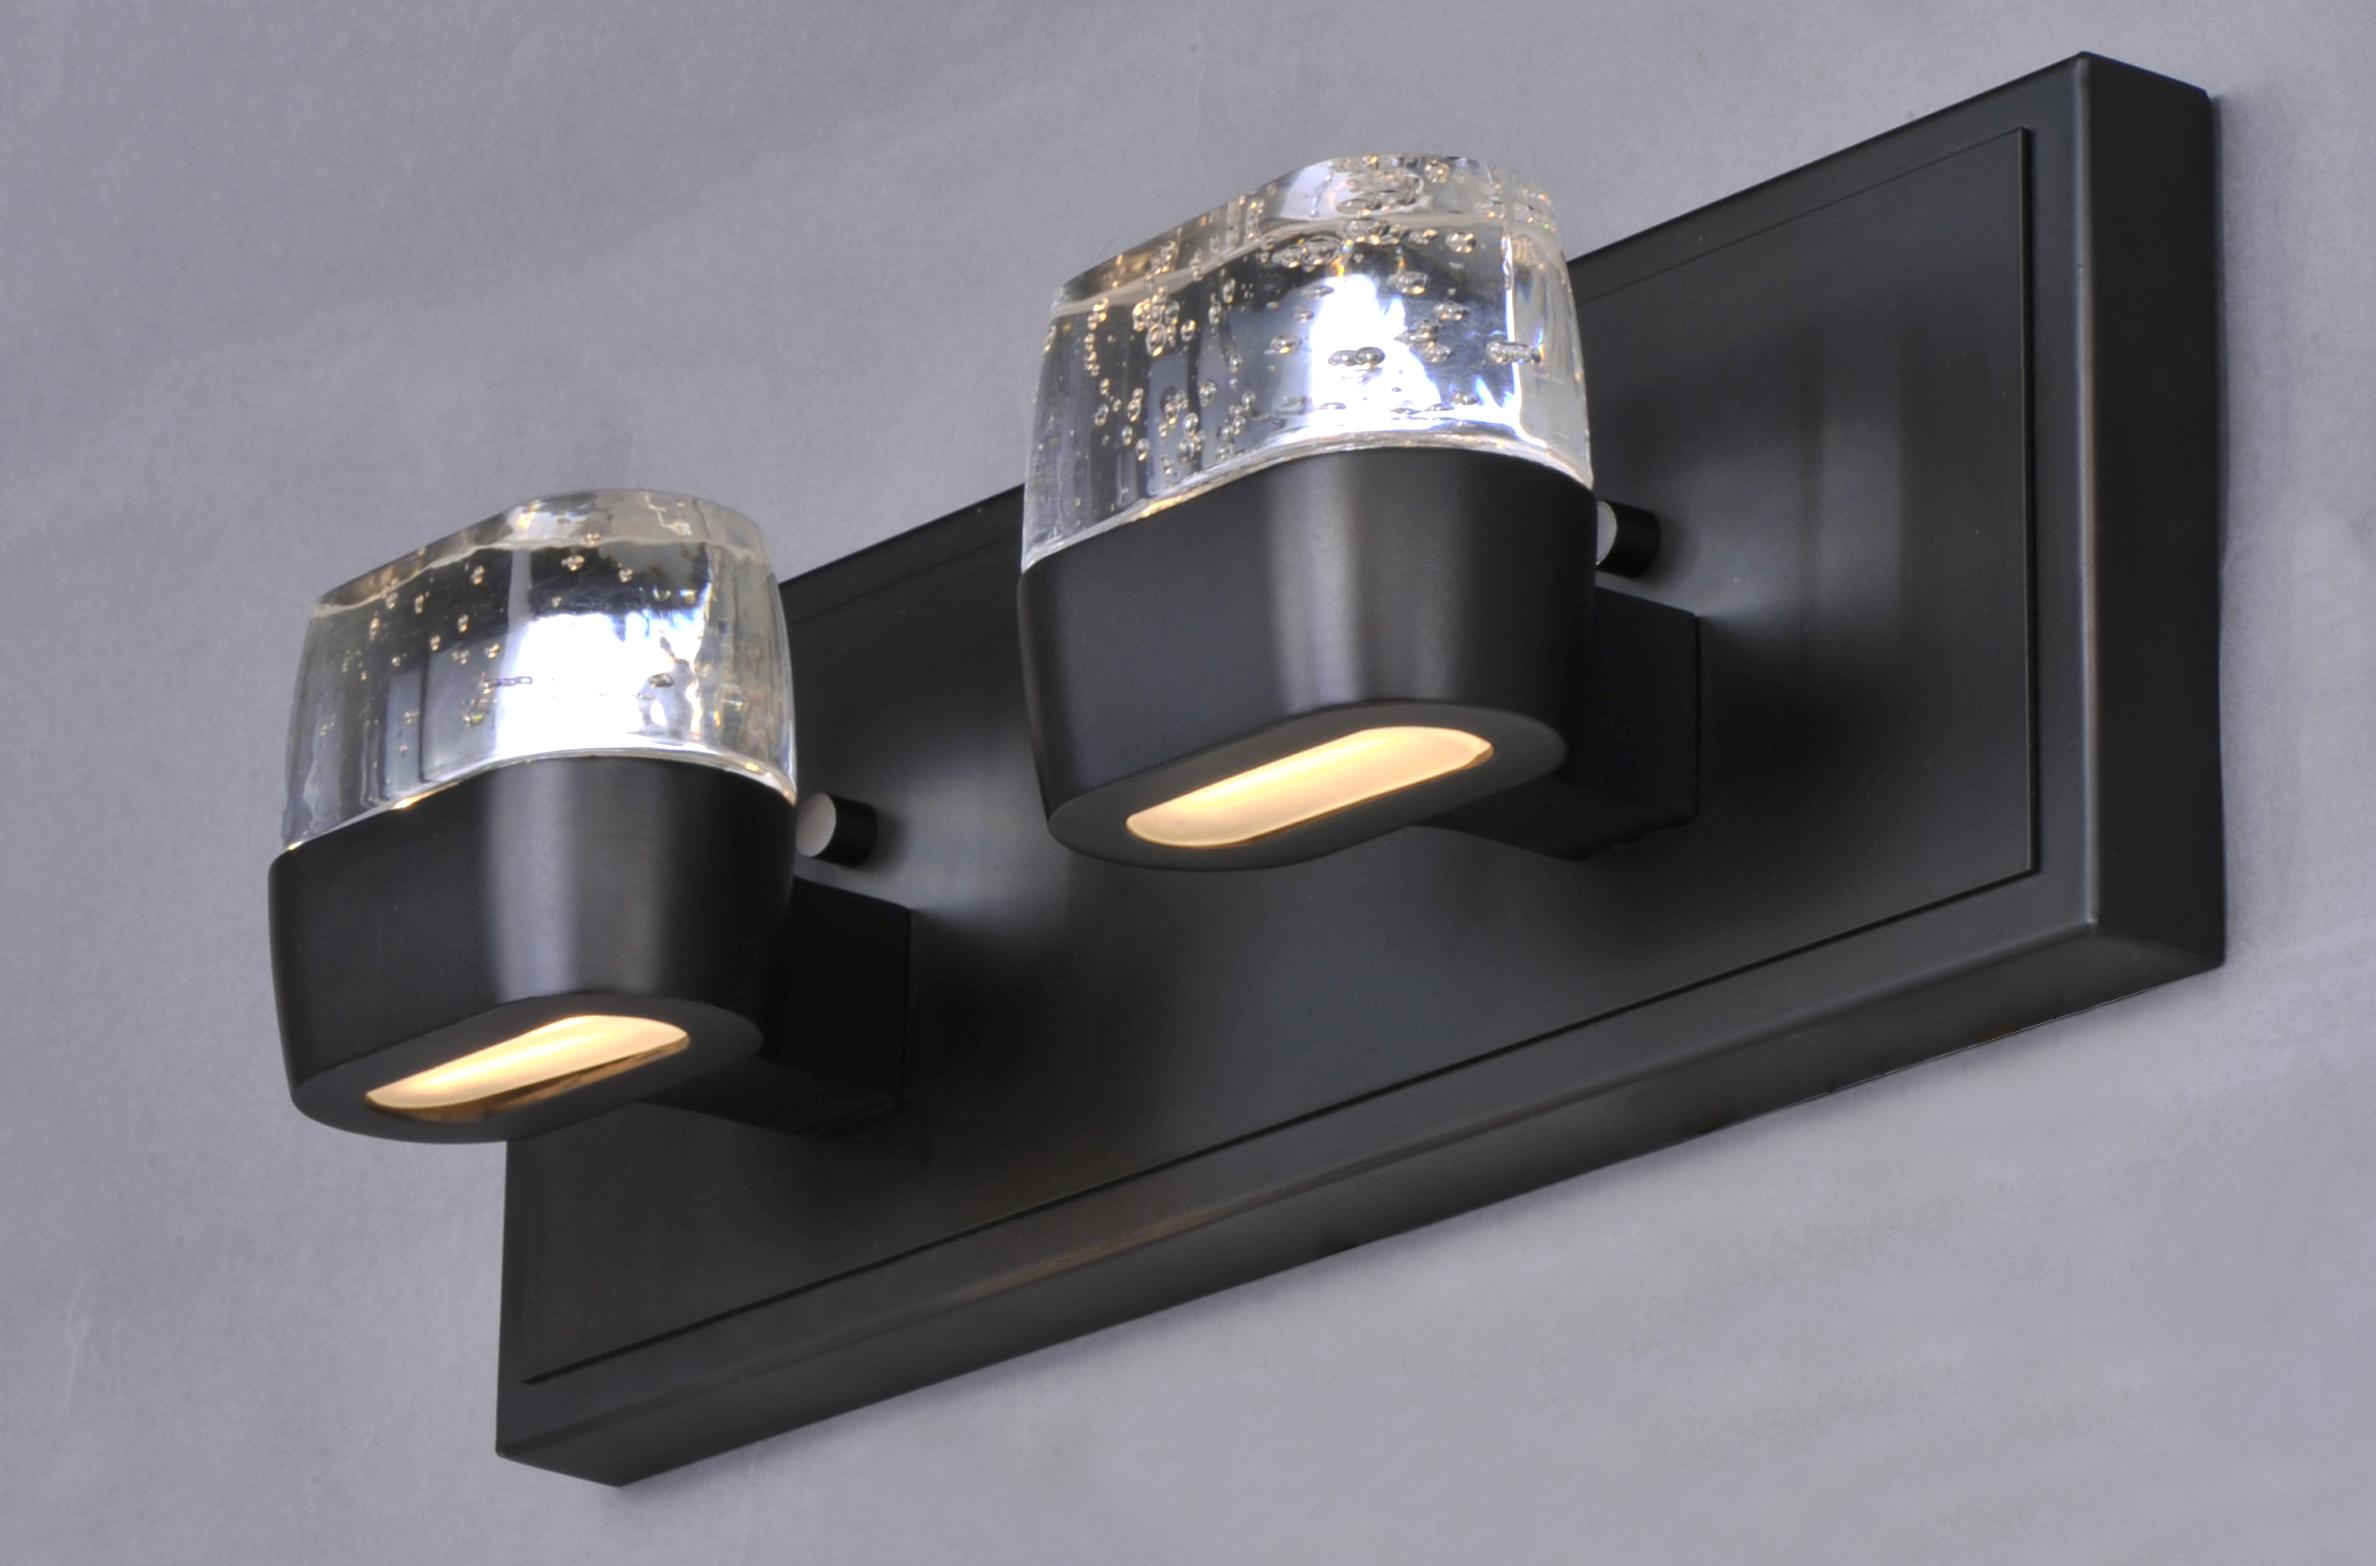 Volt led 4 light bath vanity bath et2 online - Best led lights for bathroom vanity ...